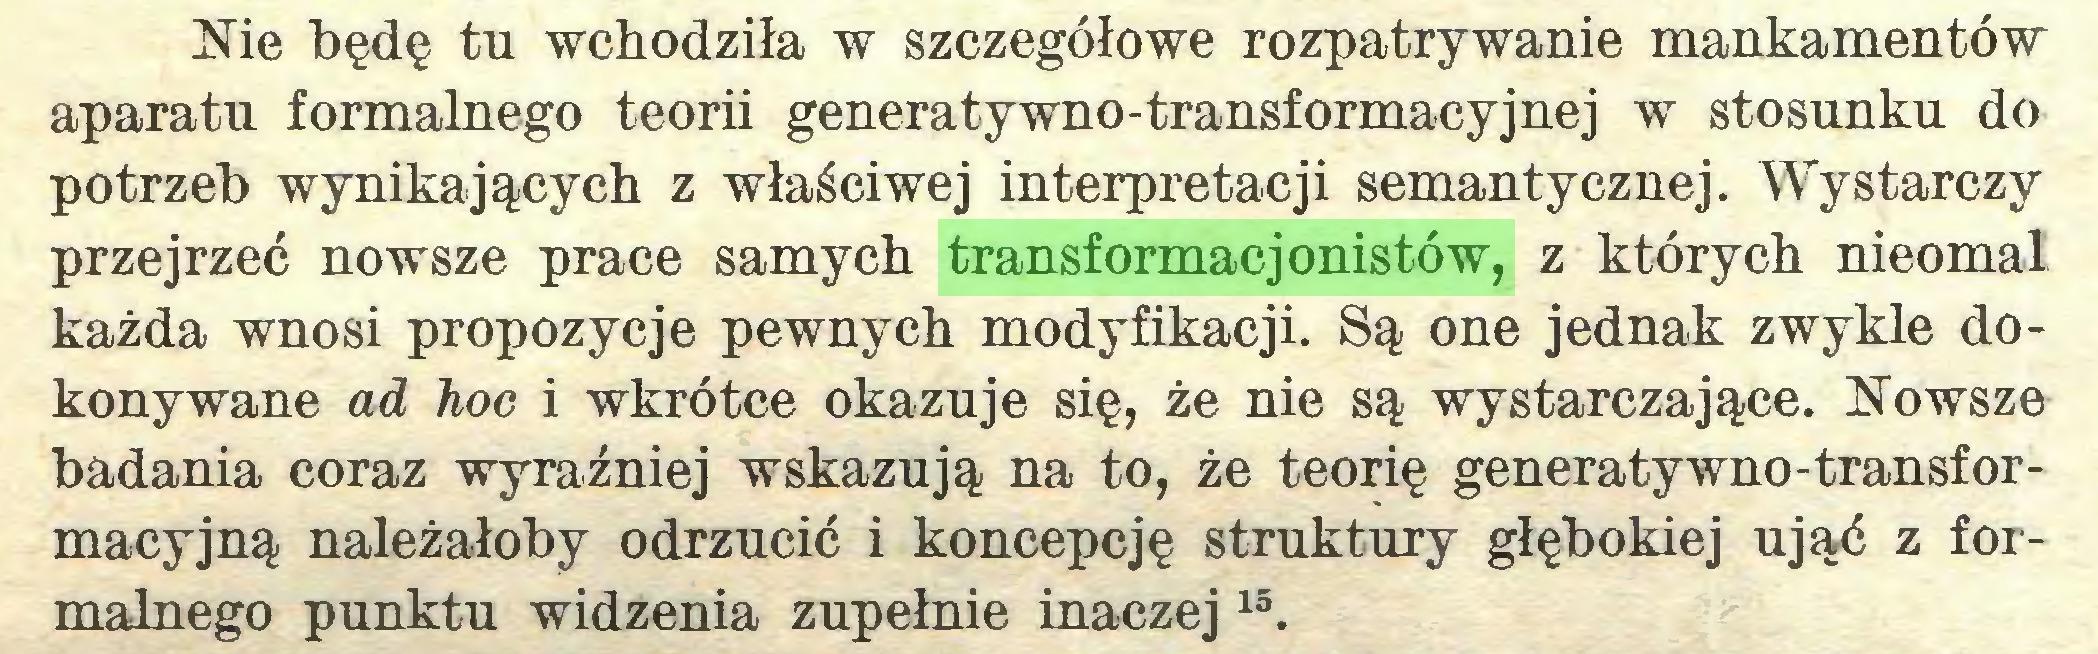 (...) Nie będę tu wchodziła w szczegółowe rozpatrywanie mankamentów aparatu formalnego teorii generatywno-transformacyjnej w stosunku do potrzeb wynikających z właściwej interpretacji semantycznej. Wystarczy przejrzeć nowsze prace samych transformacjonistów, z których nieomal każda wnosi propozycje pewnych modyfikacji. Są one jednak zwykle dokonywane ad hoc i wkrótce okazuje się, że nie są wystarczające. Nowsze badania coraz wyraźniej wskazują na to, że teorię generatywno-transformacyjną należałoby odrzucić i koncepcję struktury głębokiej ująć z formalnego punktu widzenia zupełnie inaczej15...